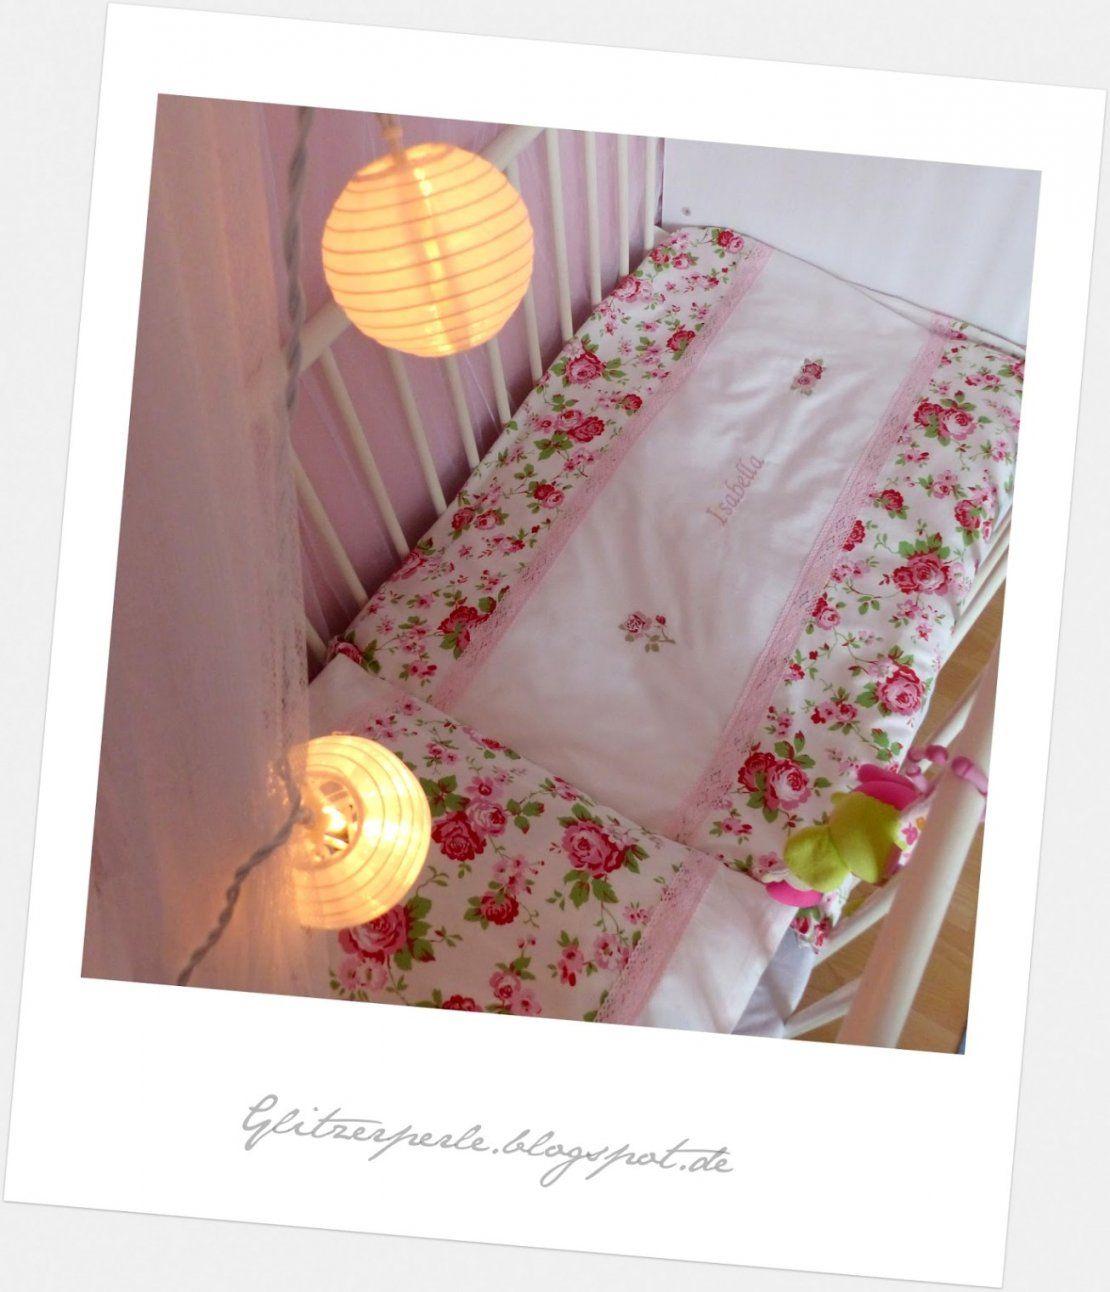 Schön Glitzerperle Oktober 2015 Für Bettwäsche Selber Nähen von Baby Bettwäsche Selber Nähen Photo